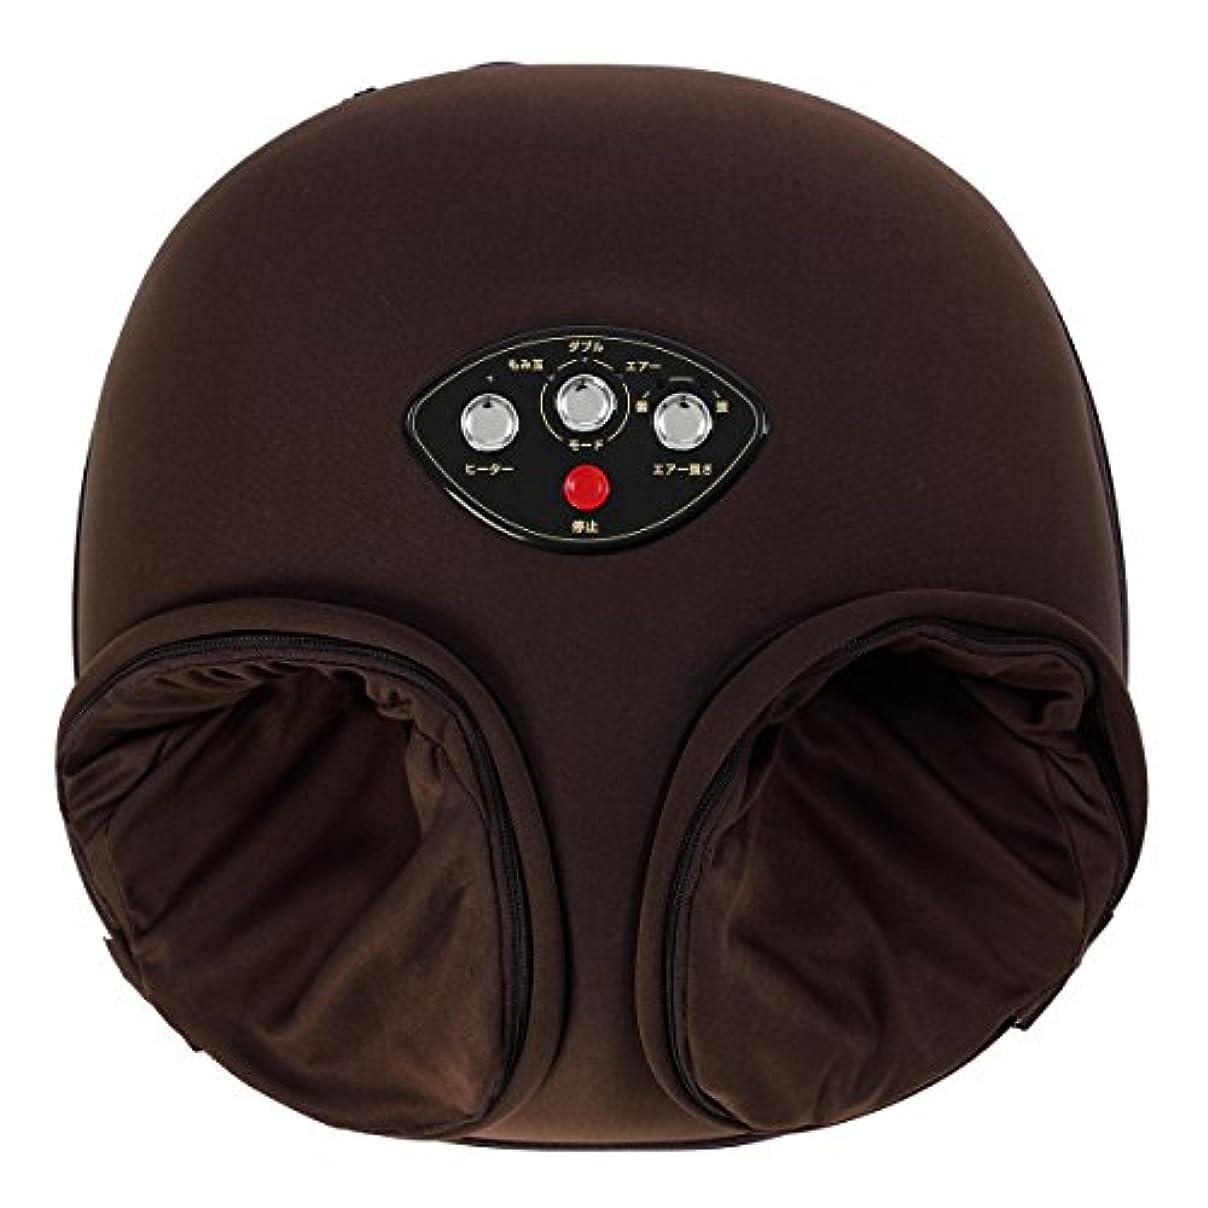 品種スキップ枕ALINCO(アルインコ) フットインマッサージャー ふっとたいむ フットマッサージャー MCR4515